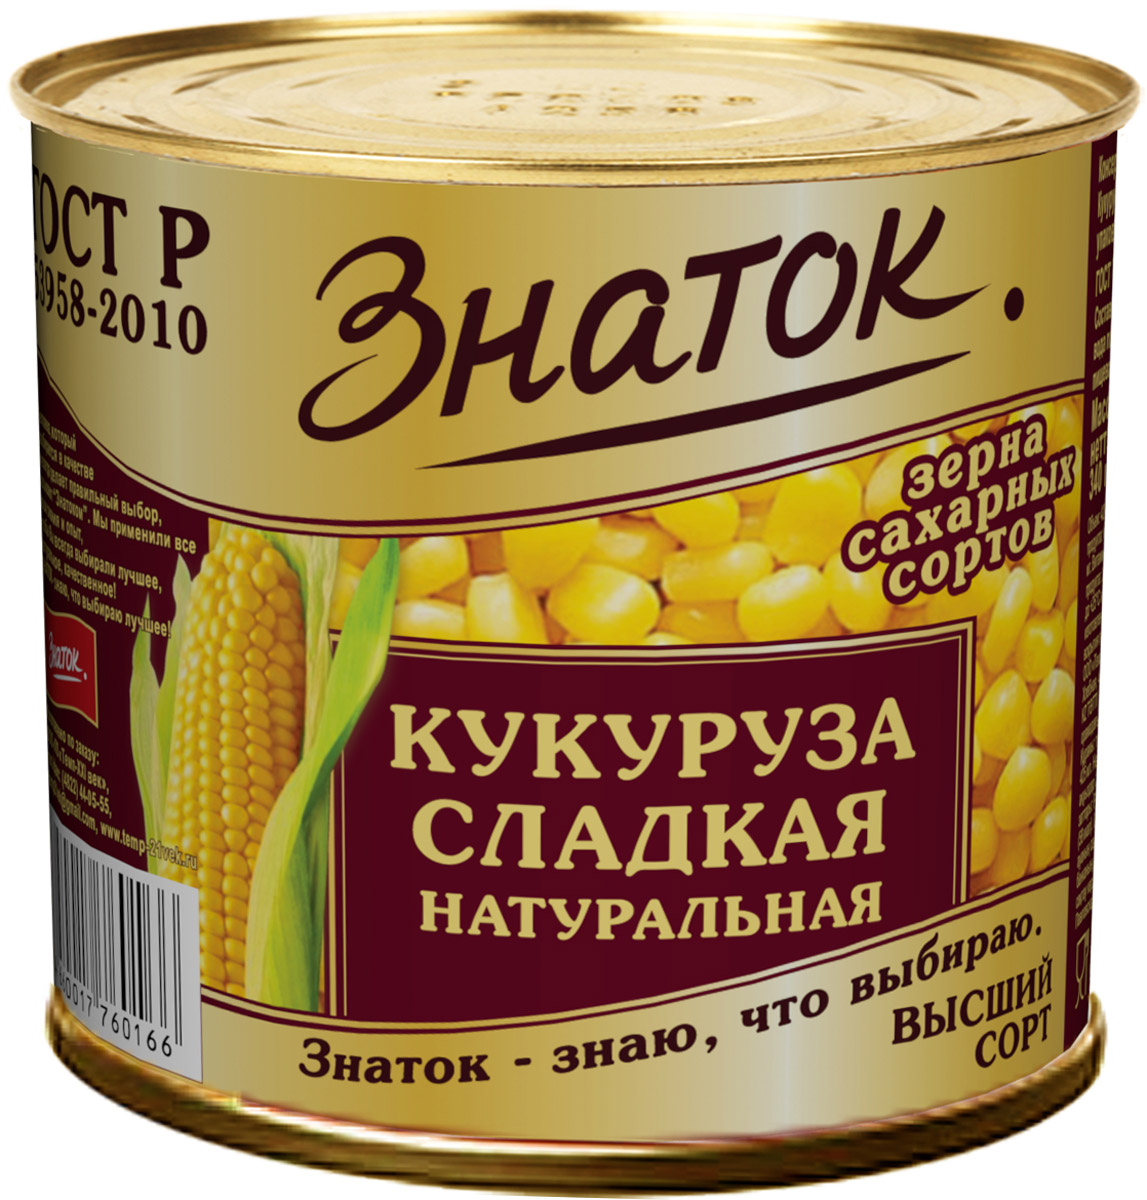 Знаток кукуруза сладкая консервированная, 425 г00000040755Для консервирования используются зерна початков молочной зрелости, на пике содержания витаминов. Зернышки цельные, без ткани початка и прочих примесей, в чистой заливке, естественного природного вкуса. Произведено строго по ГОСТ, высший сорт.